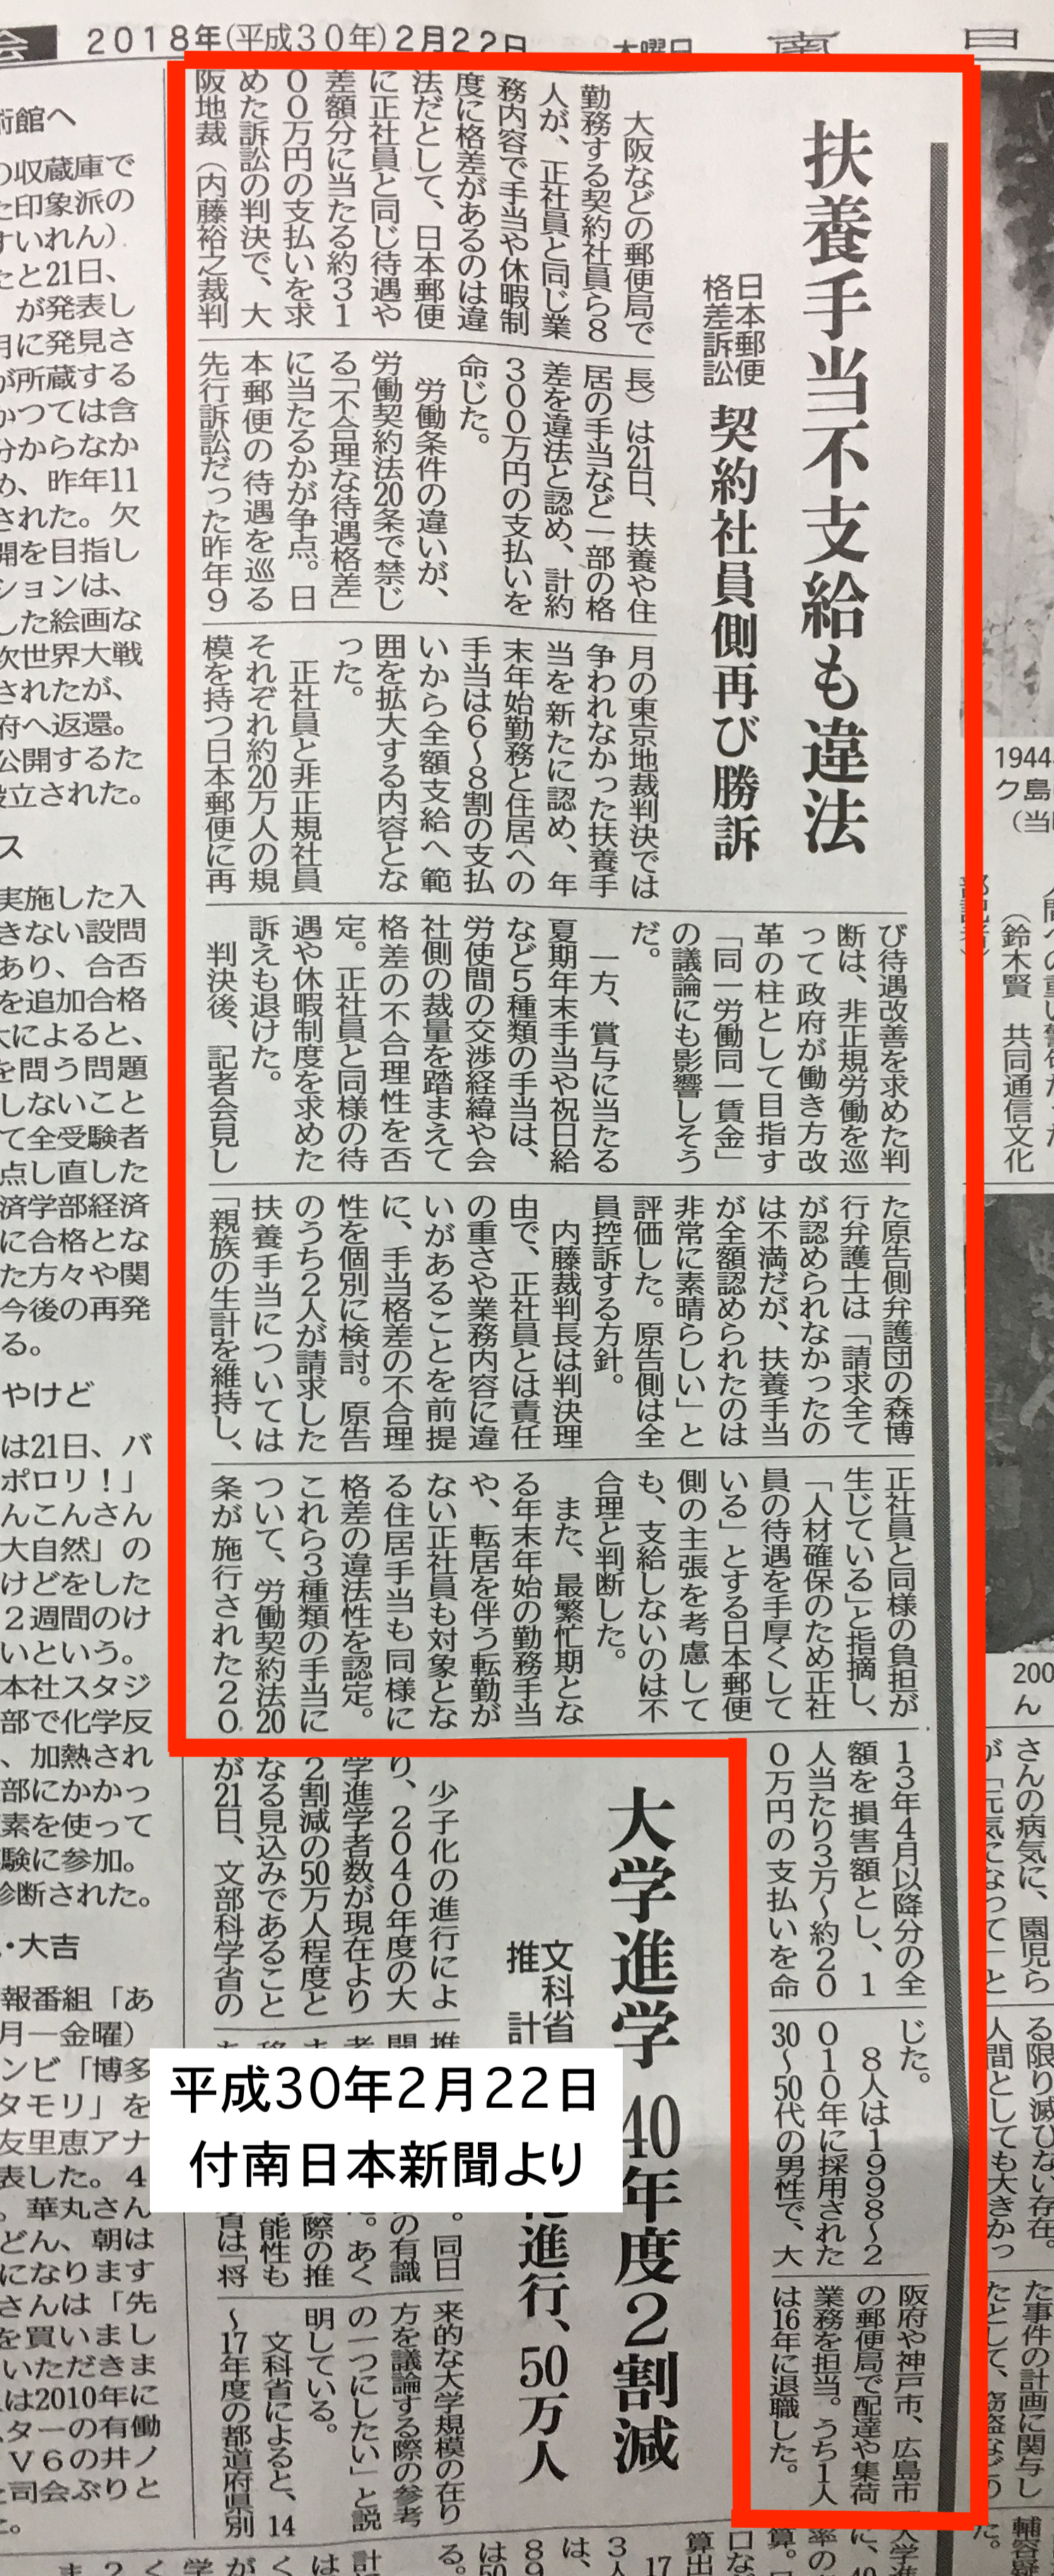 平成30年2月22日付 南日本新聞より